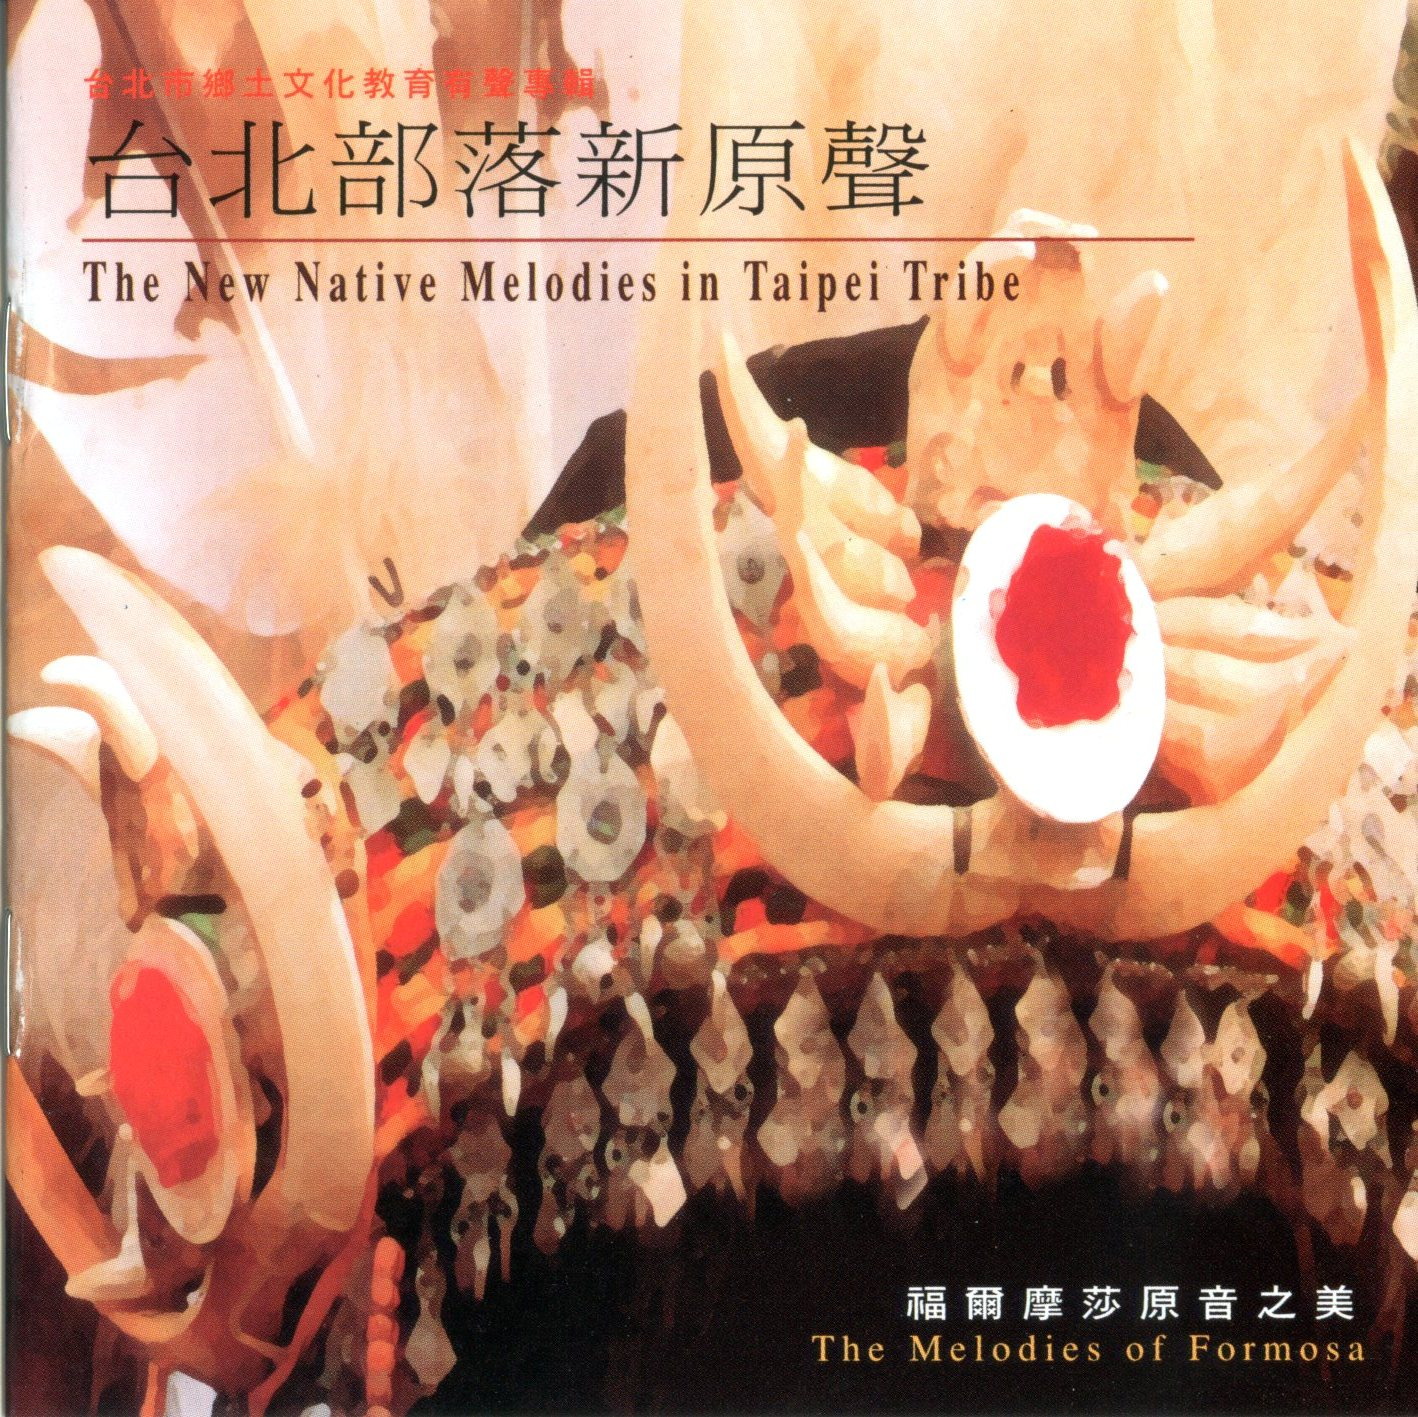 臺北部落新原聲 福爾摩莎原音之美 = The new native melodies in Taipei tribe : The melodies of Formosa